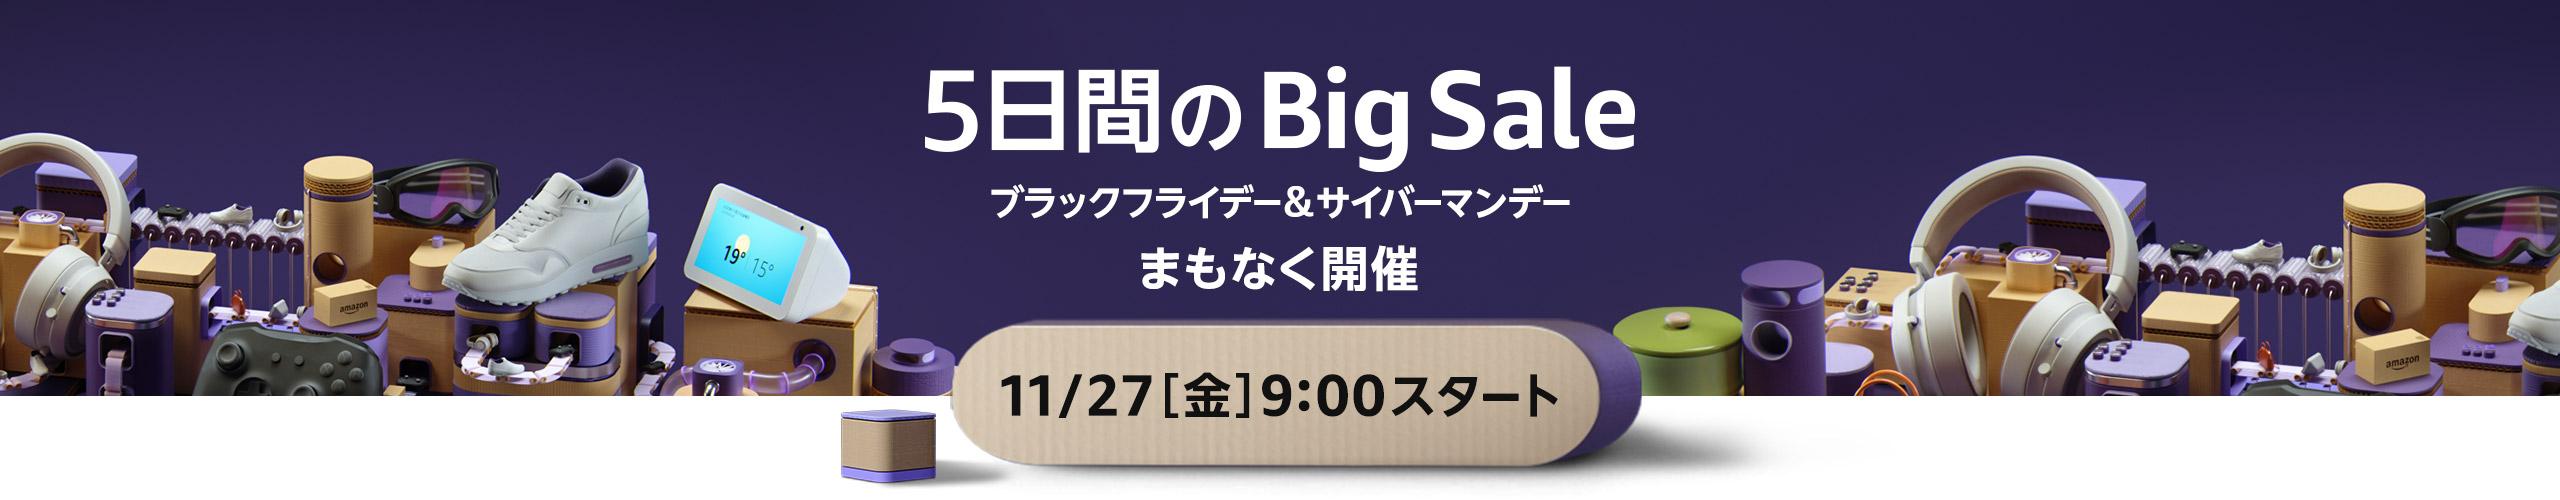 5日間のBig Sale 11/27[金] 9:00スタート ブラックフライデー&サイバーマンデー